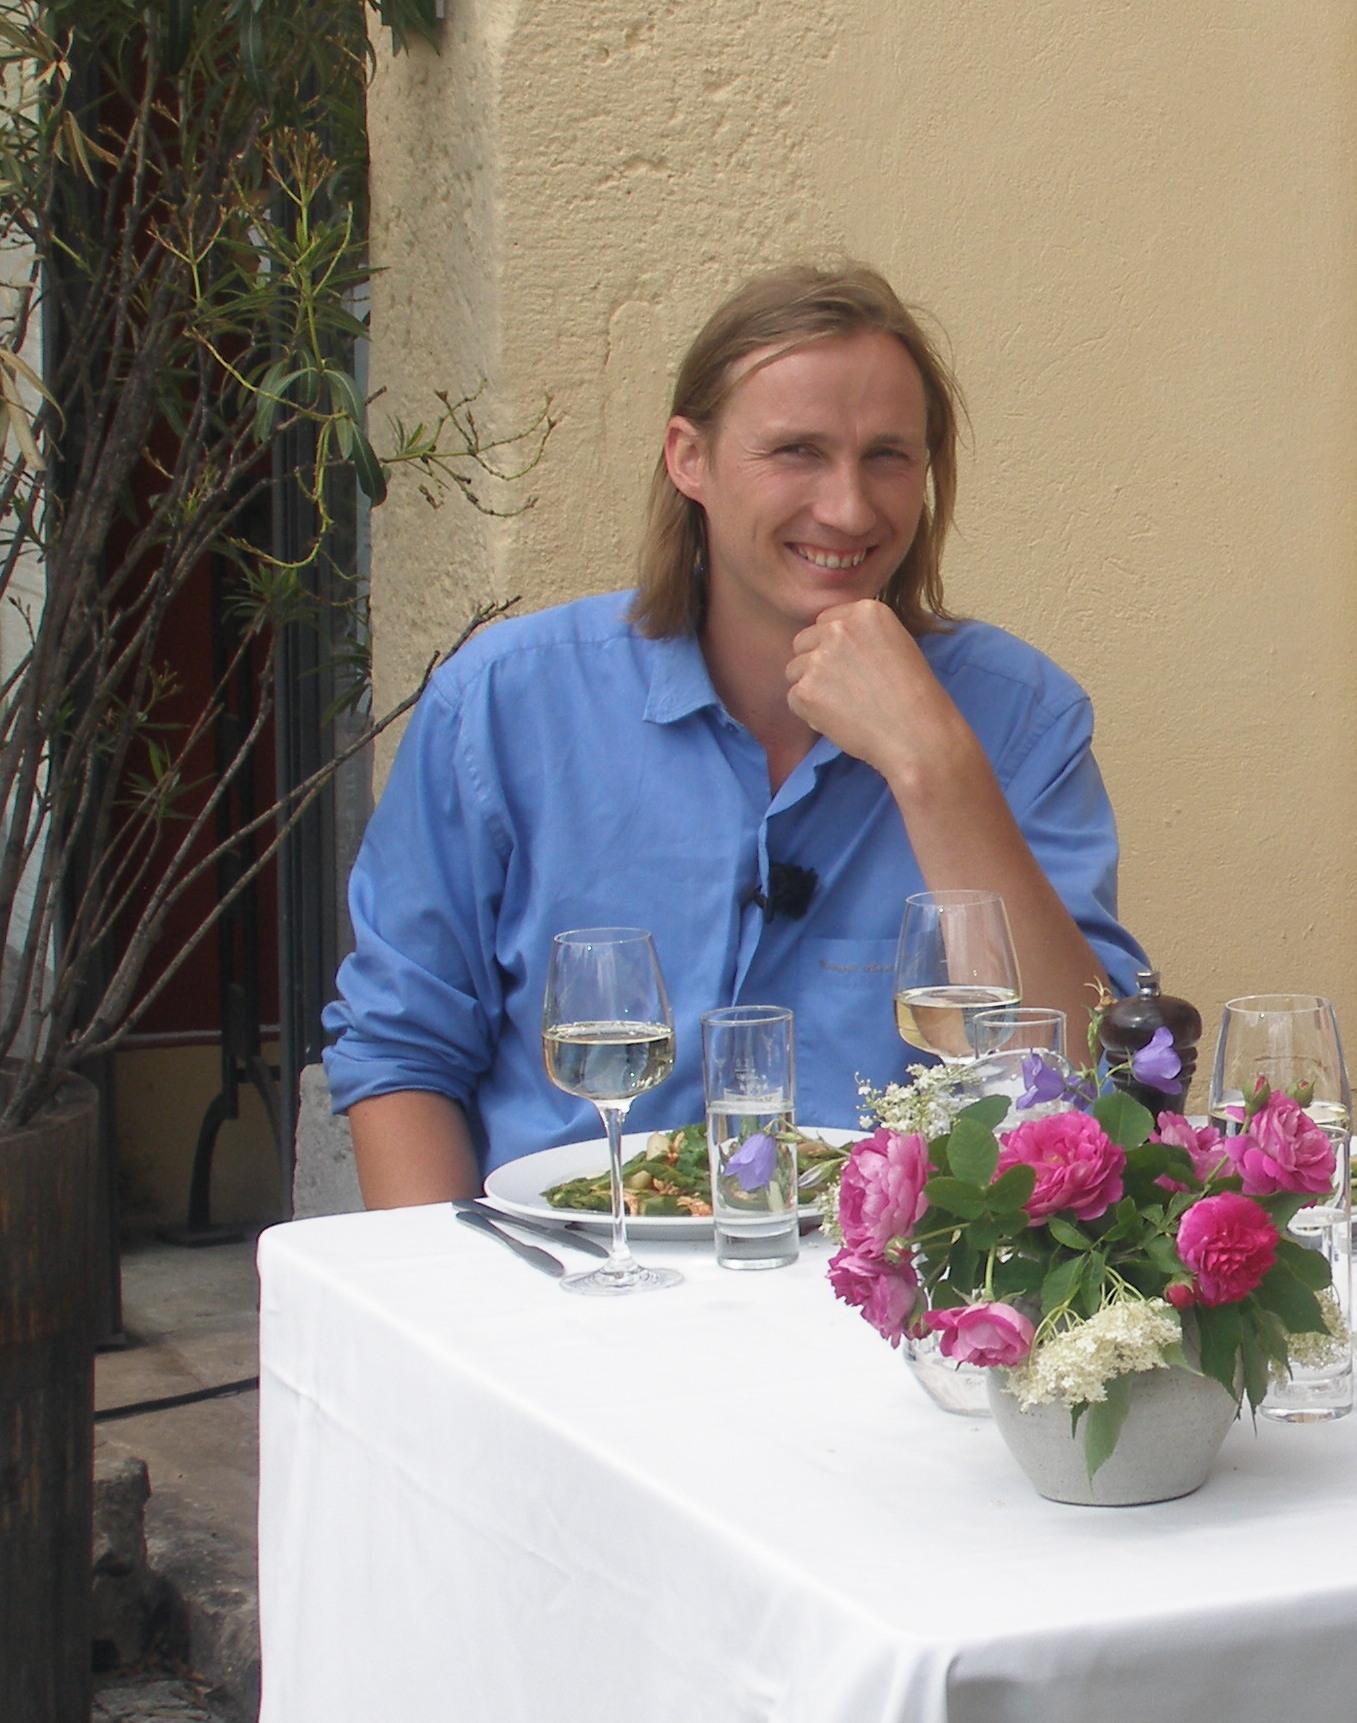 Karl Friedrich Aust